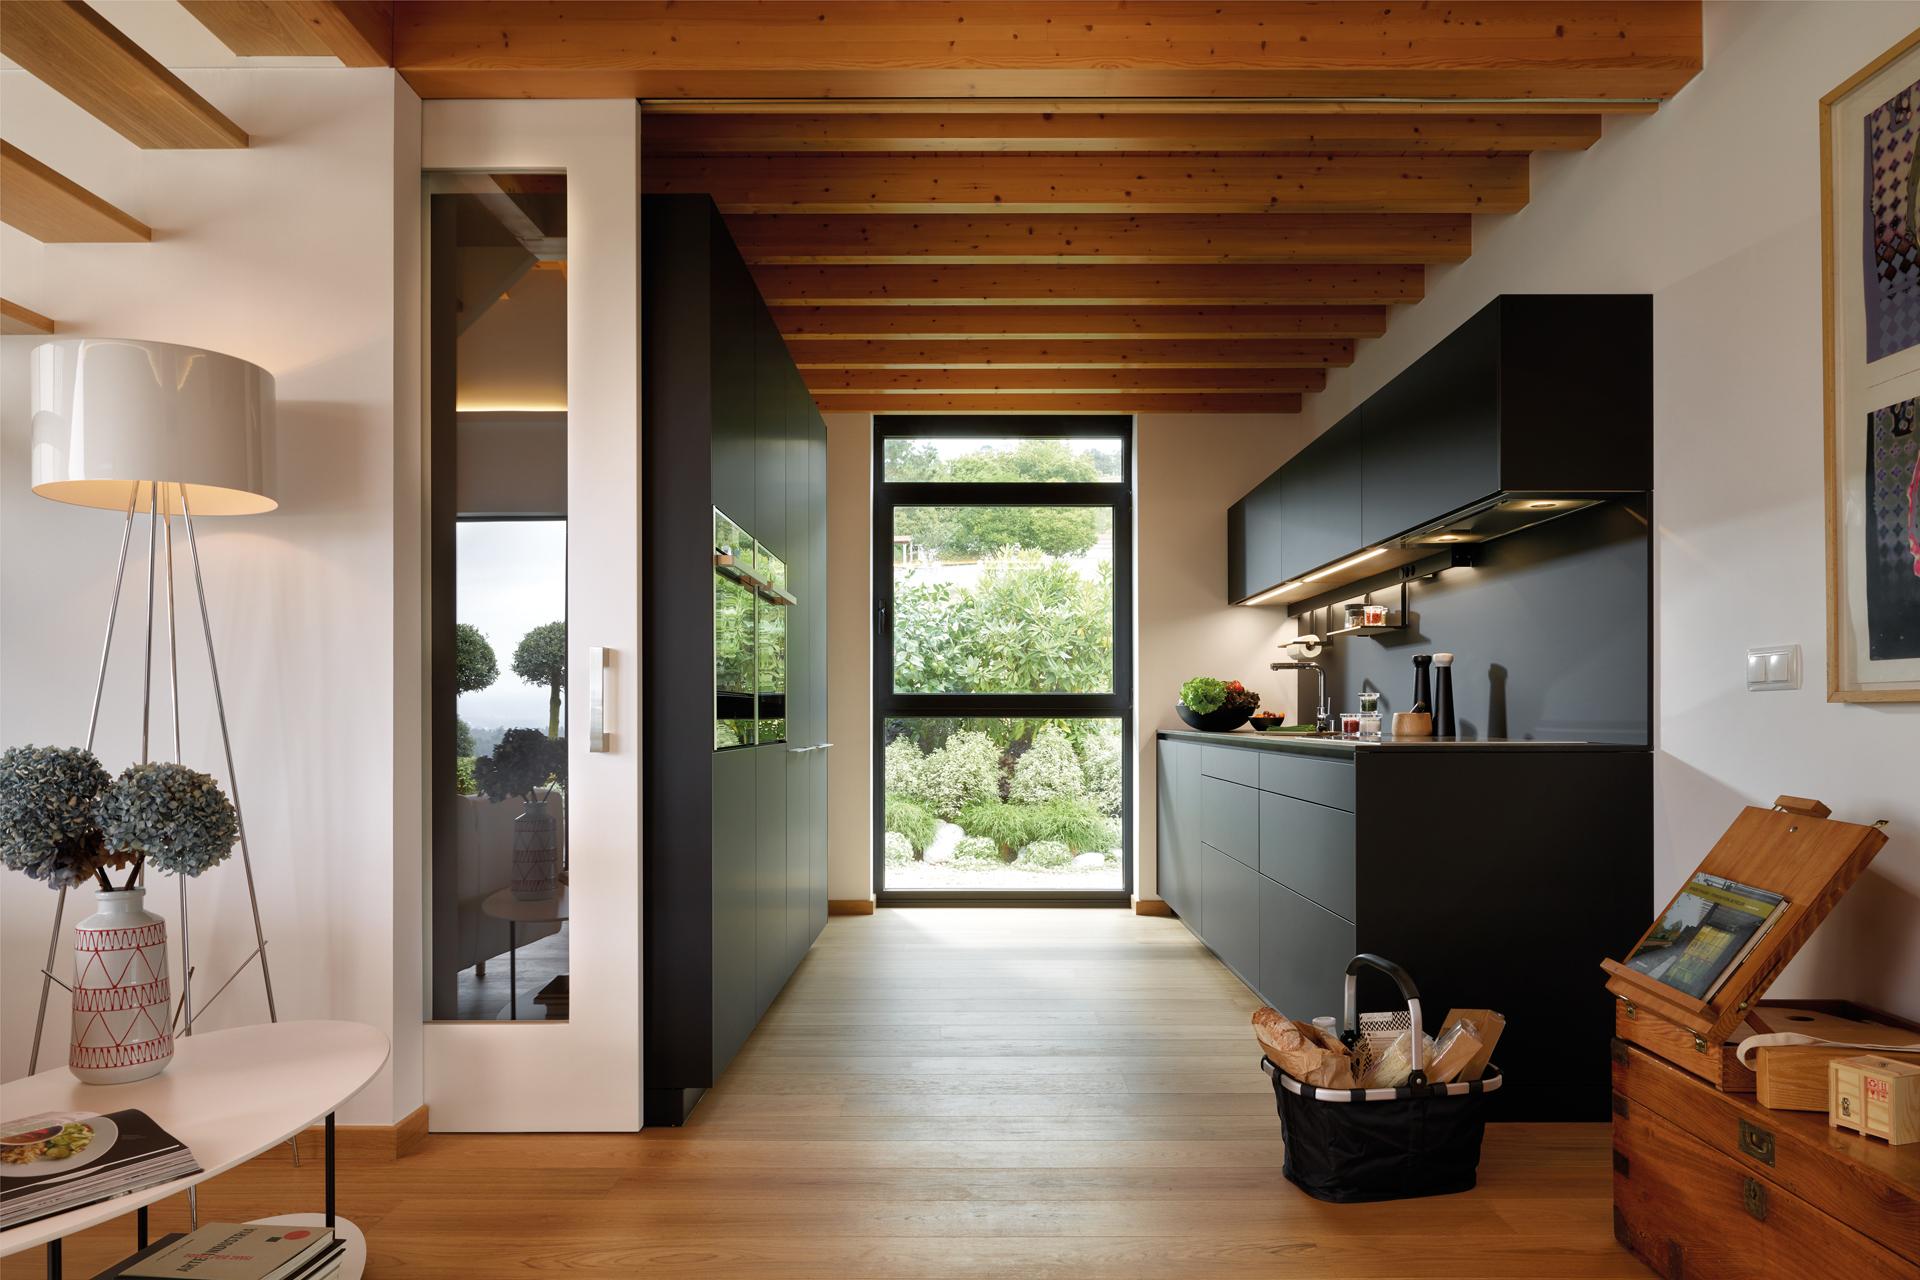 Zwarte open keuken, parallel aan de eetkamer, voorzien van door Santos ontworpen meubels